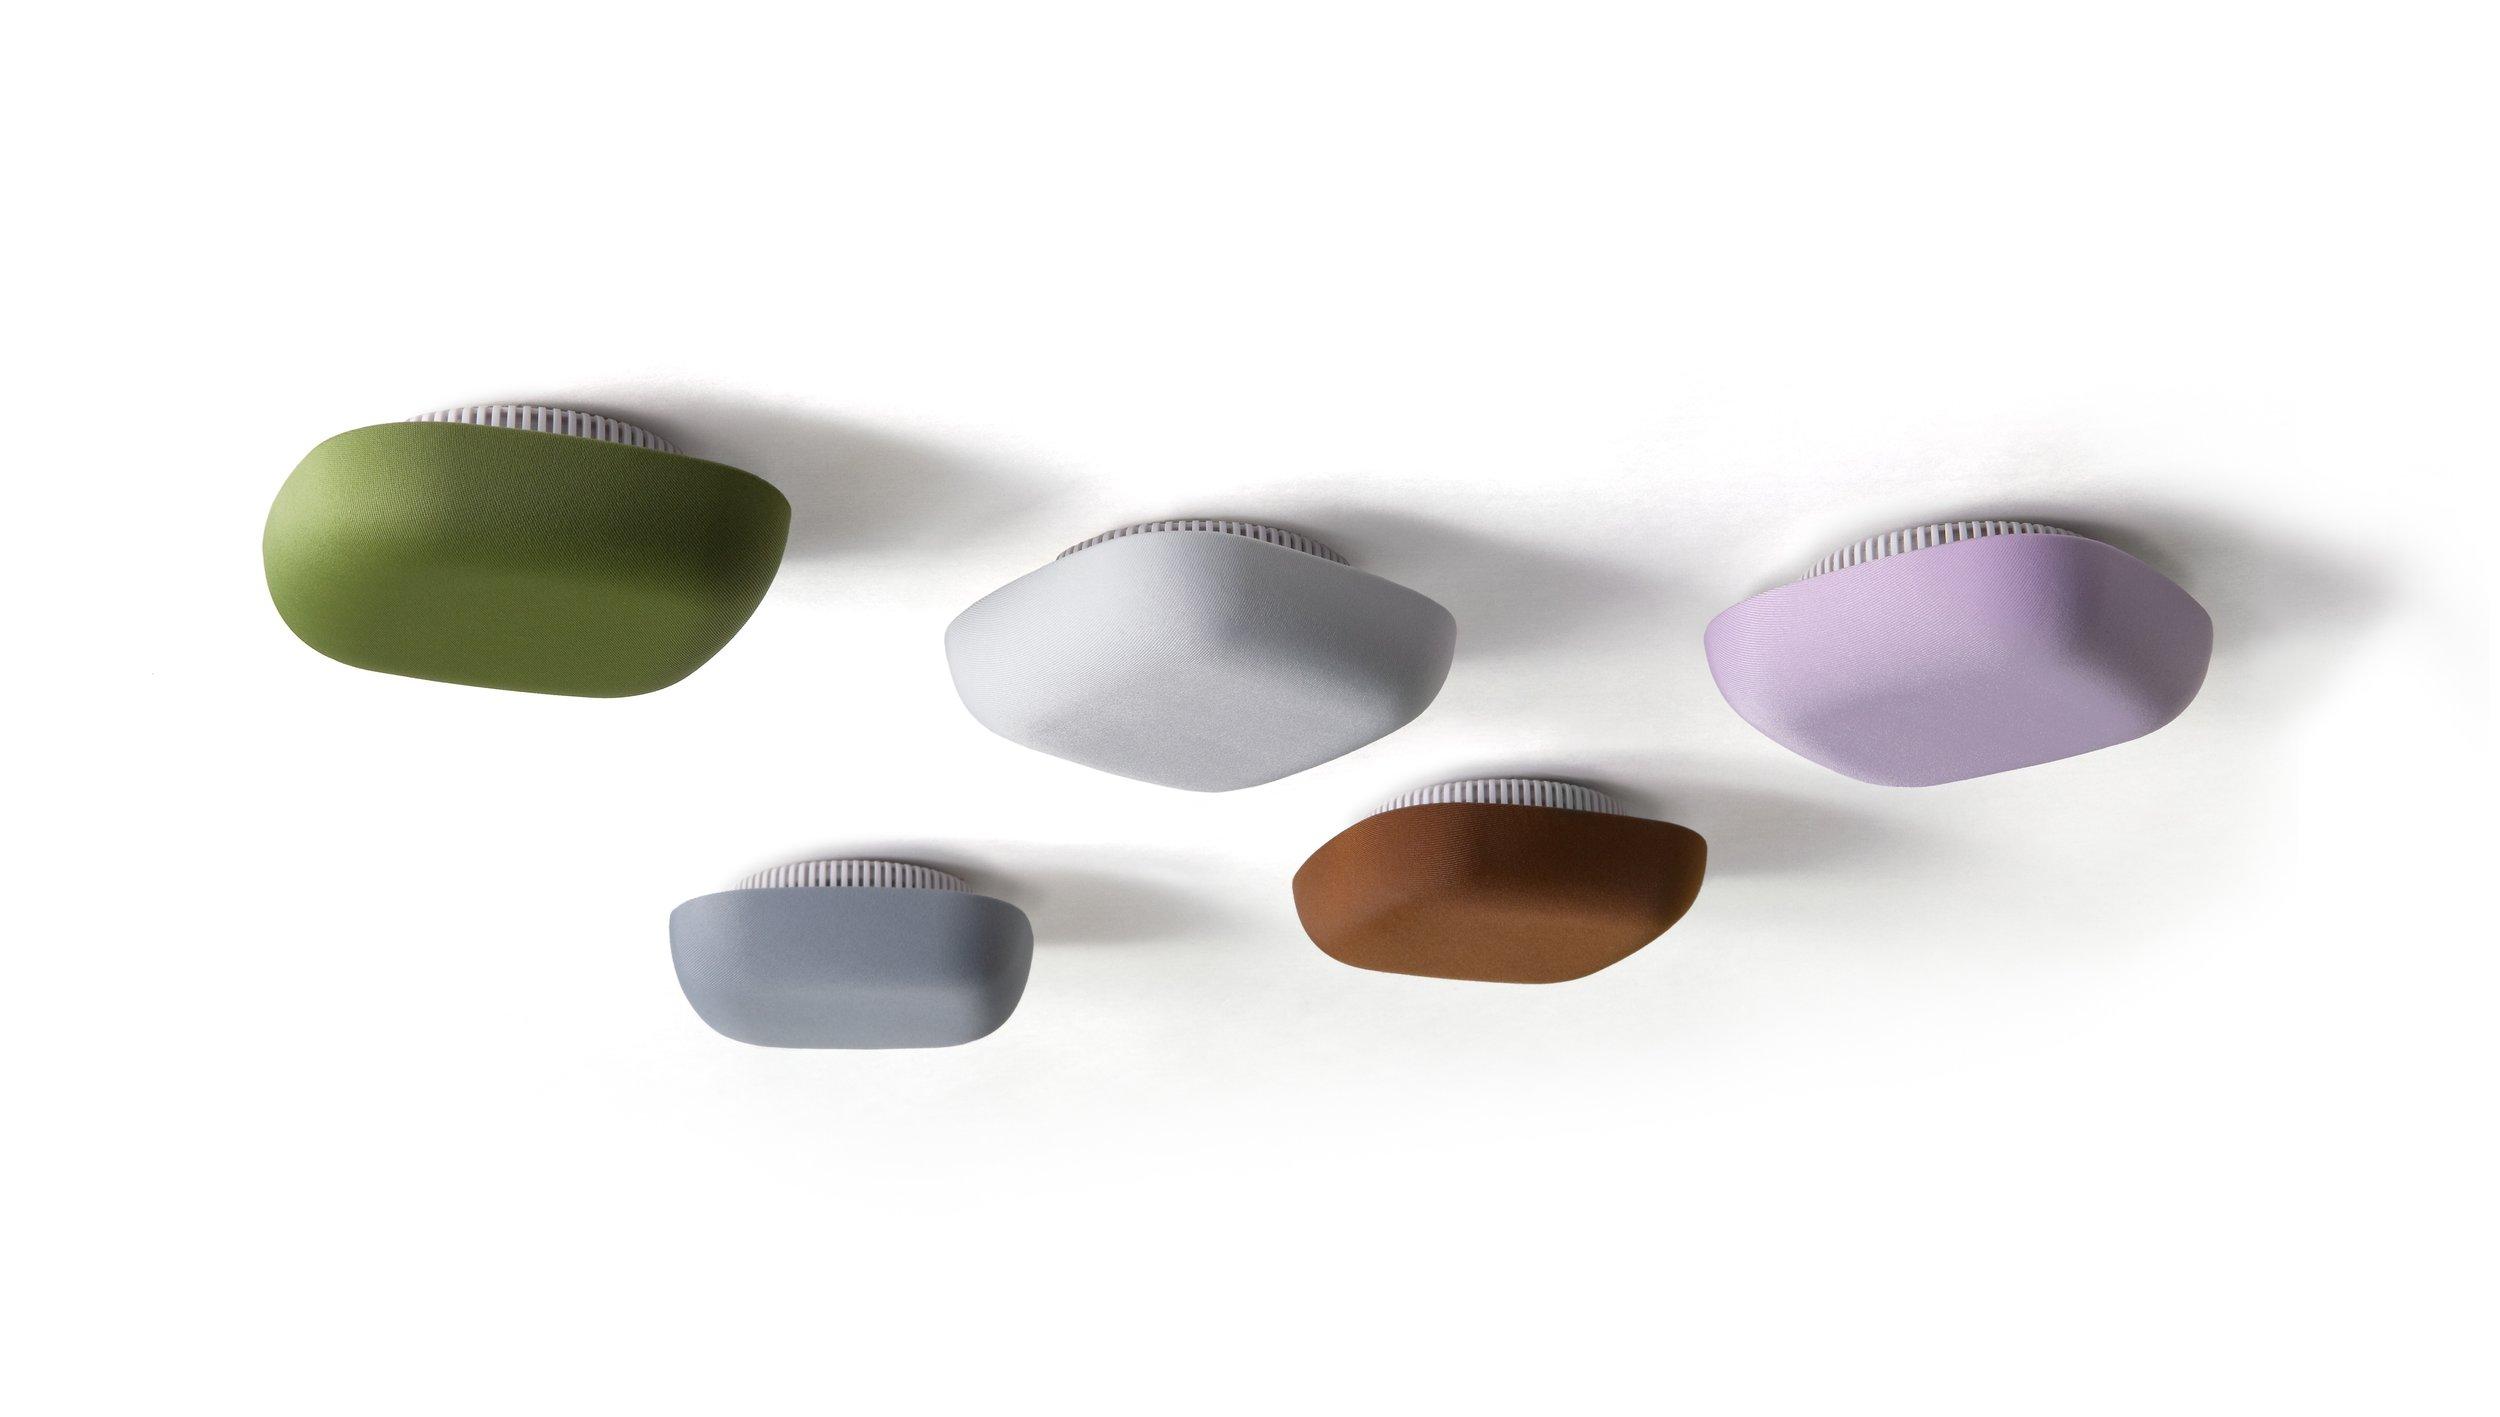 Kupu designad av Harri Koskinen. Vinnare av både reddot och Wallpaper design award.